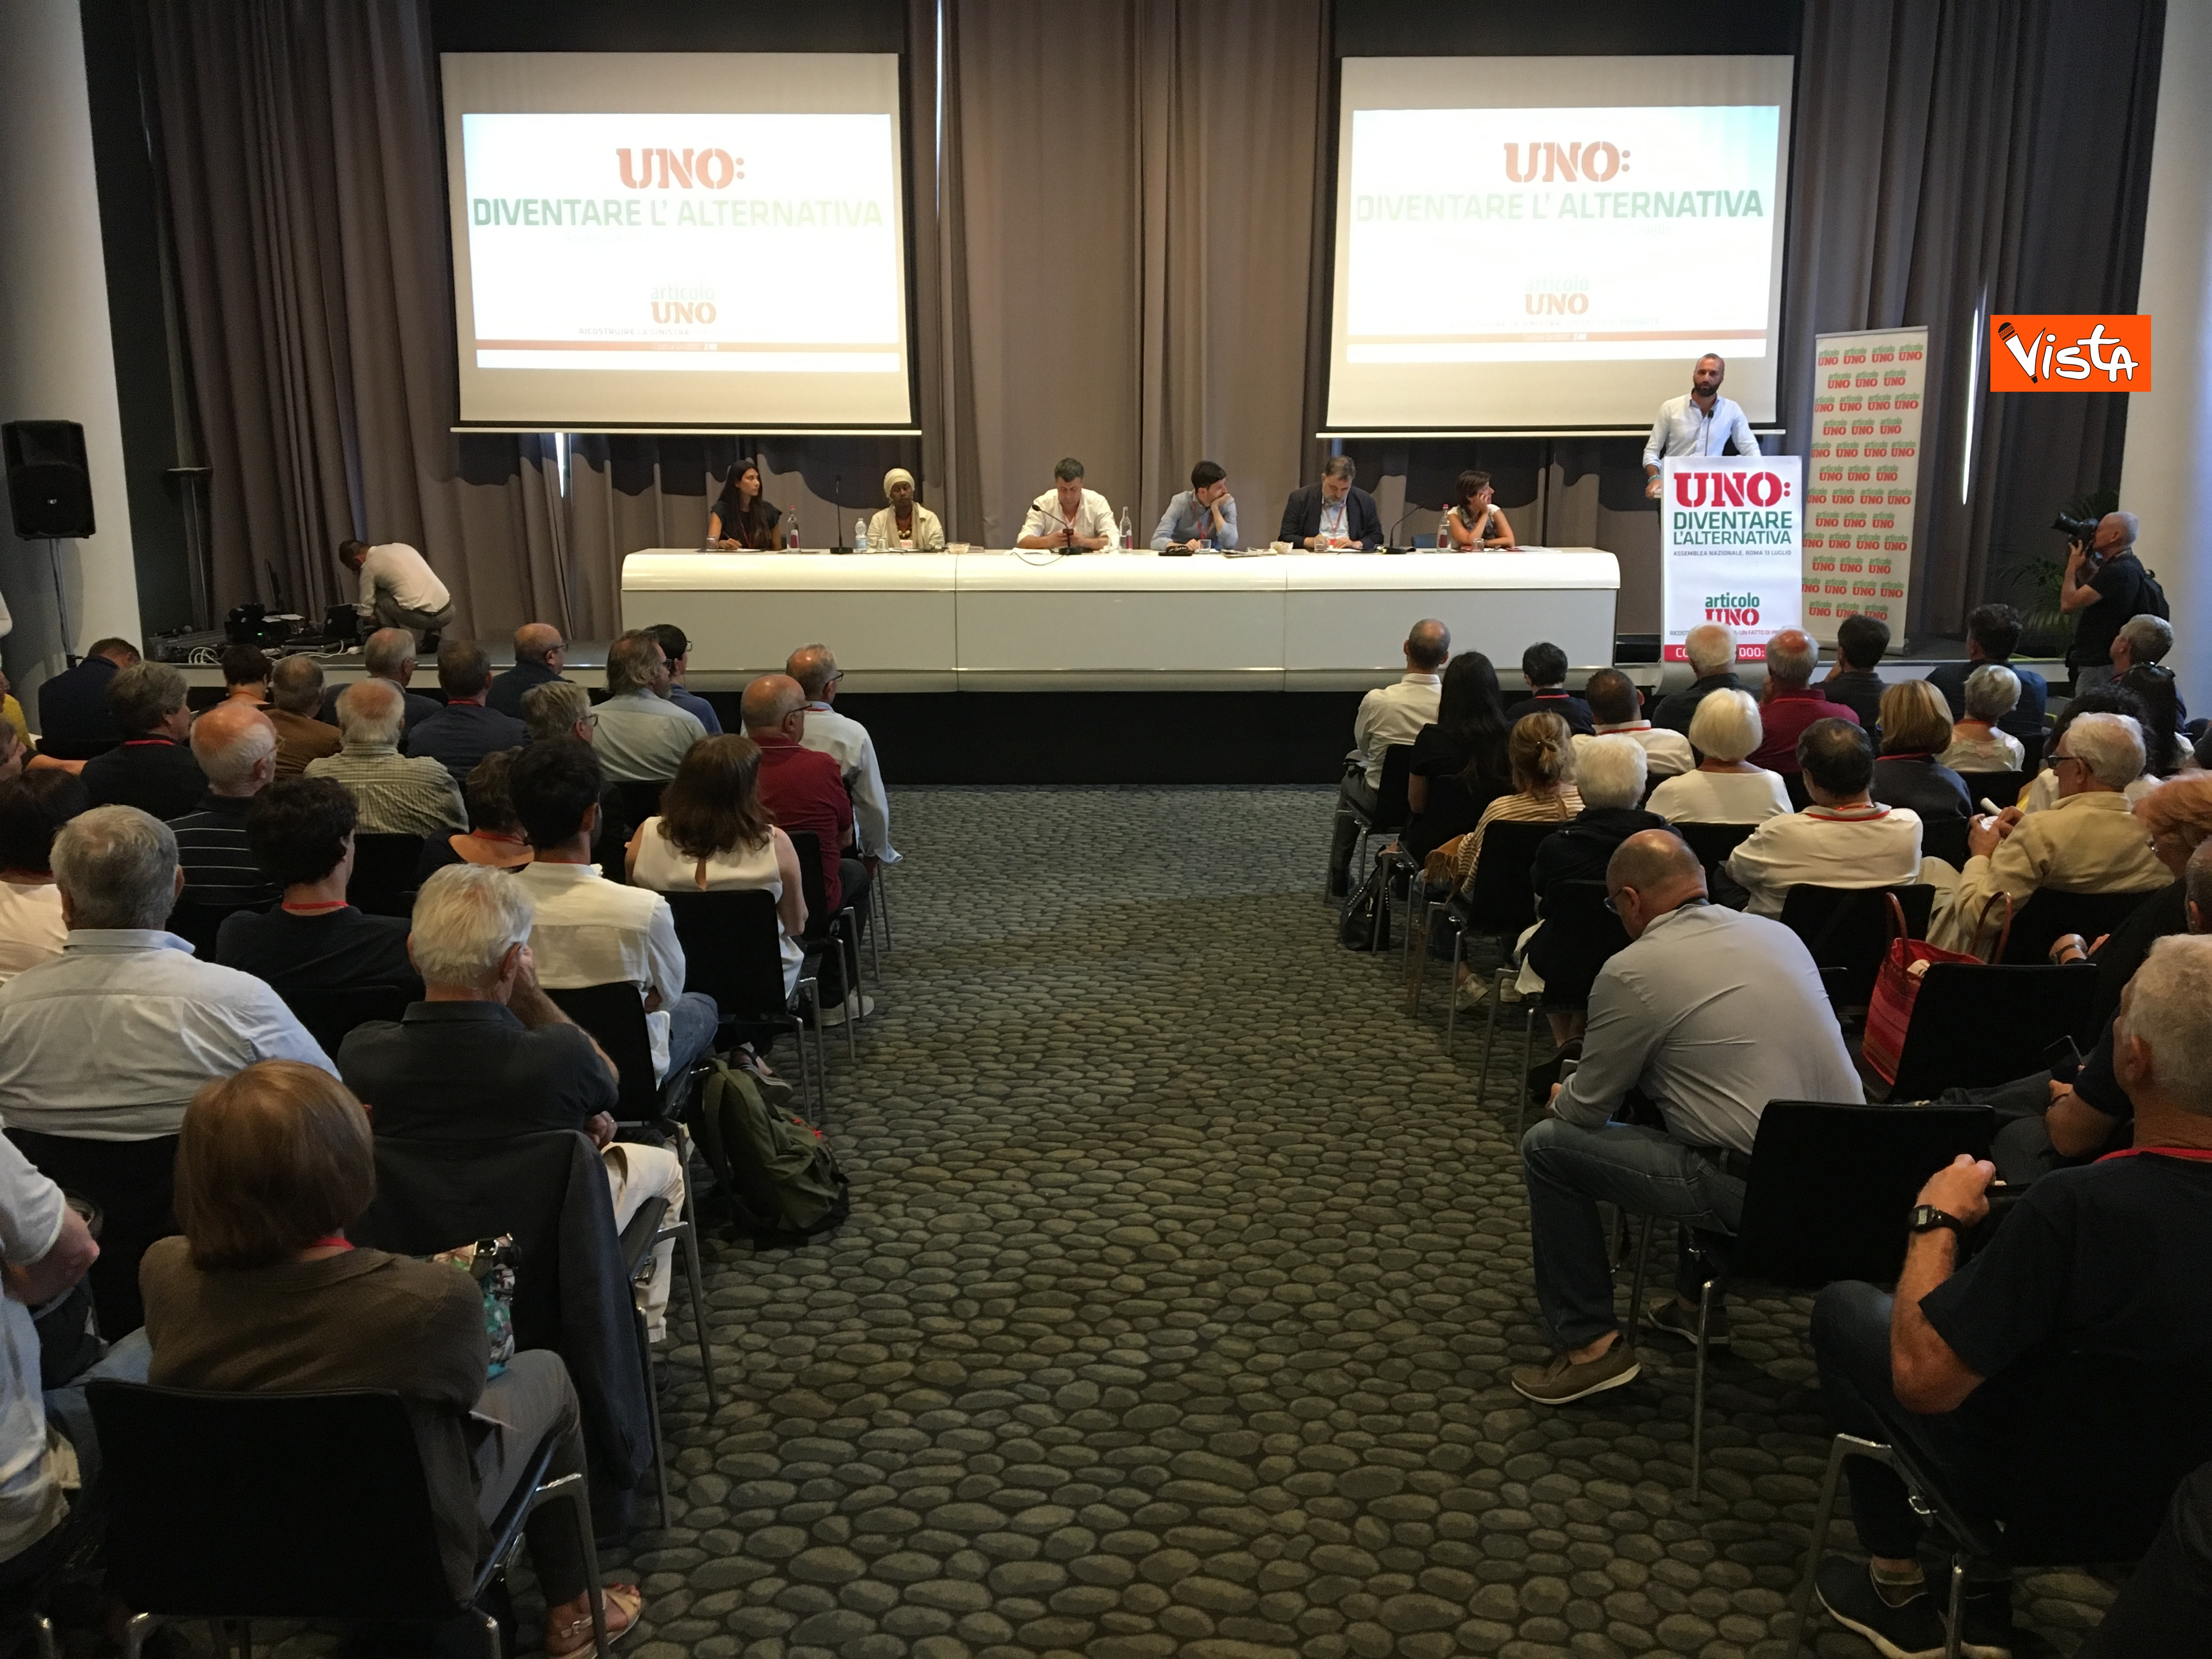 13-07-19 Articolo Uno l Assemblea nazionale a Roma immagini_03